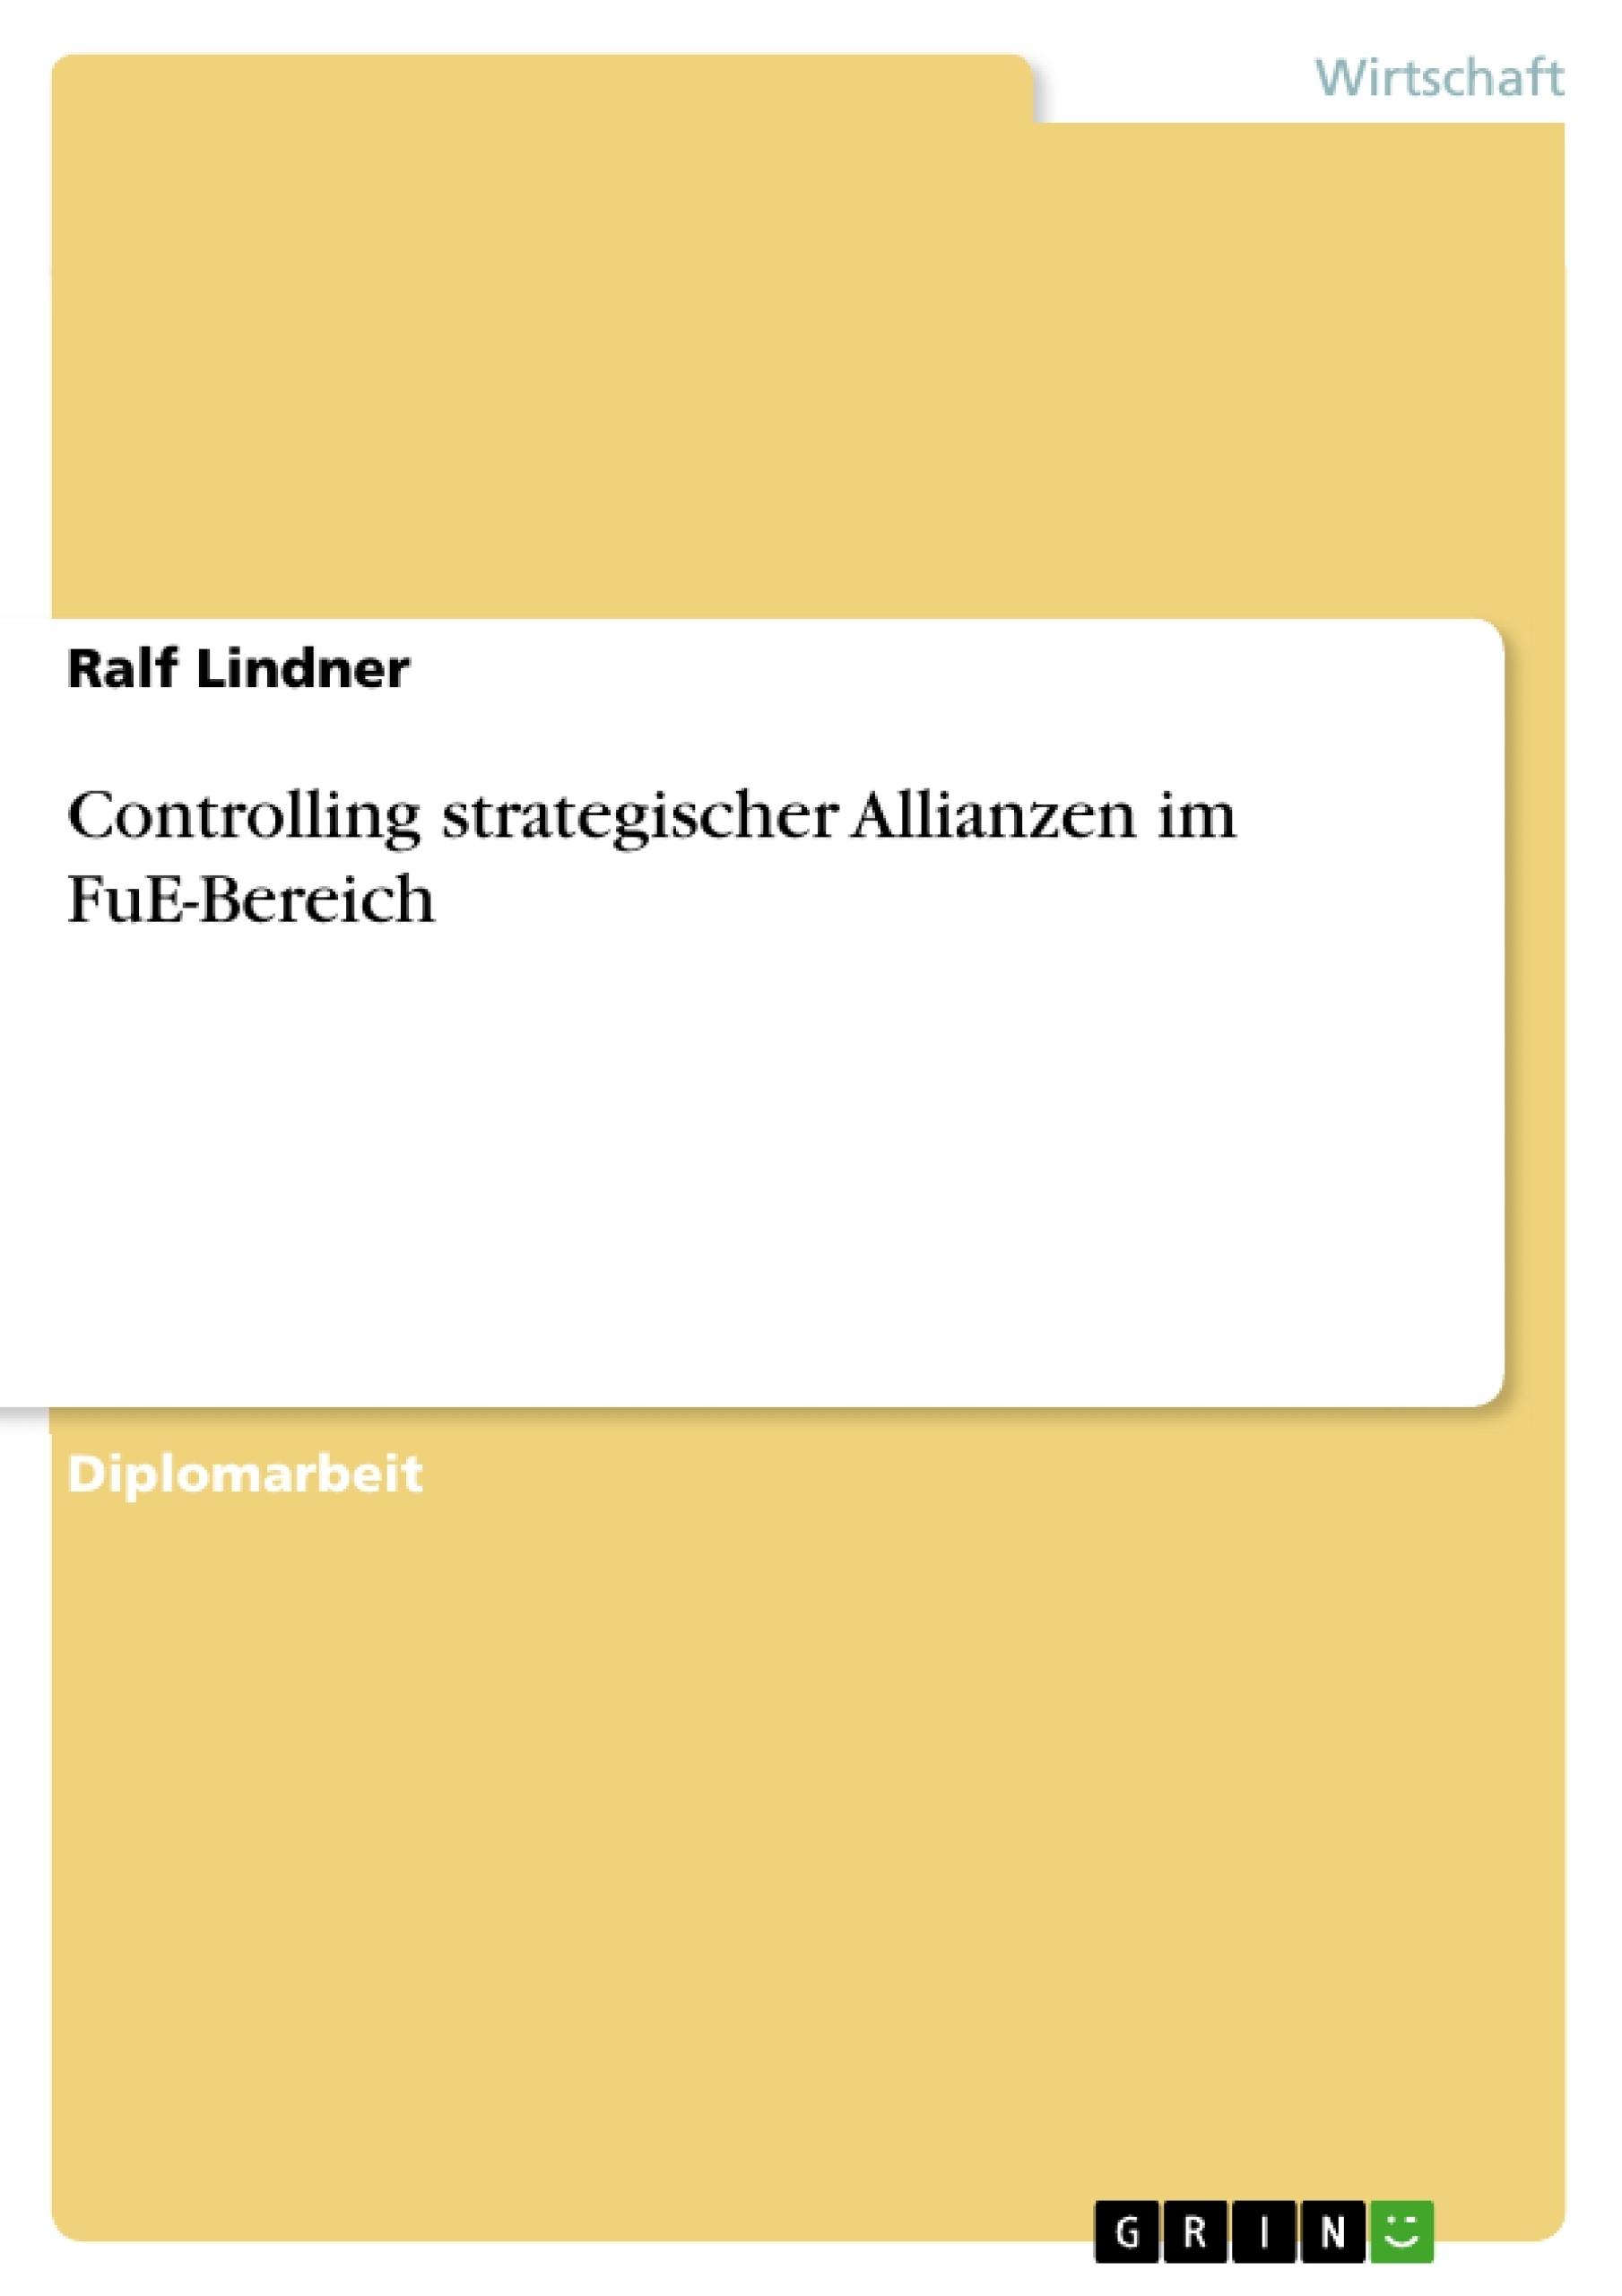 Titel: Controlling strategischer Allianzen im FuE-Bereich